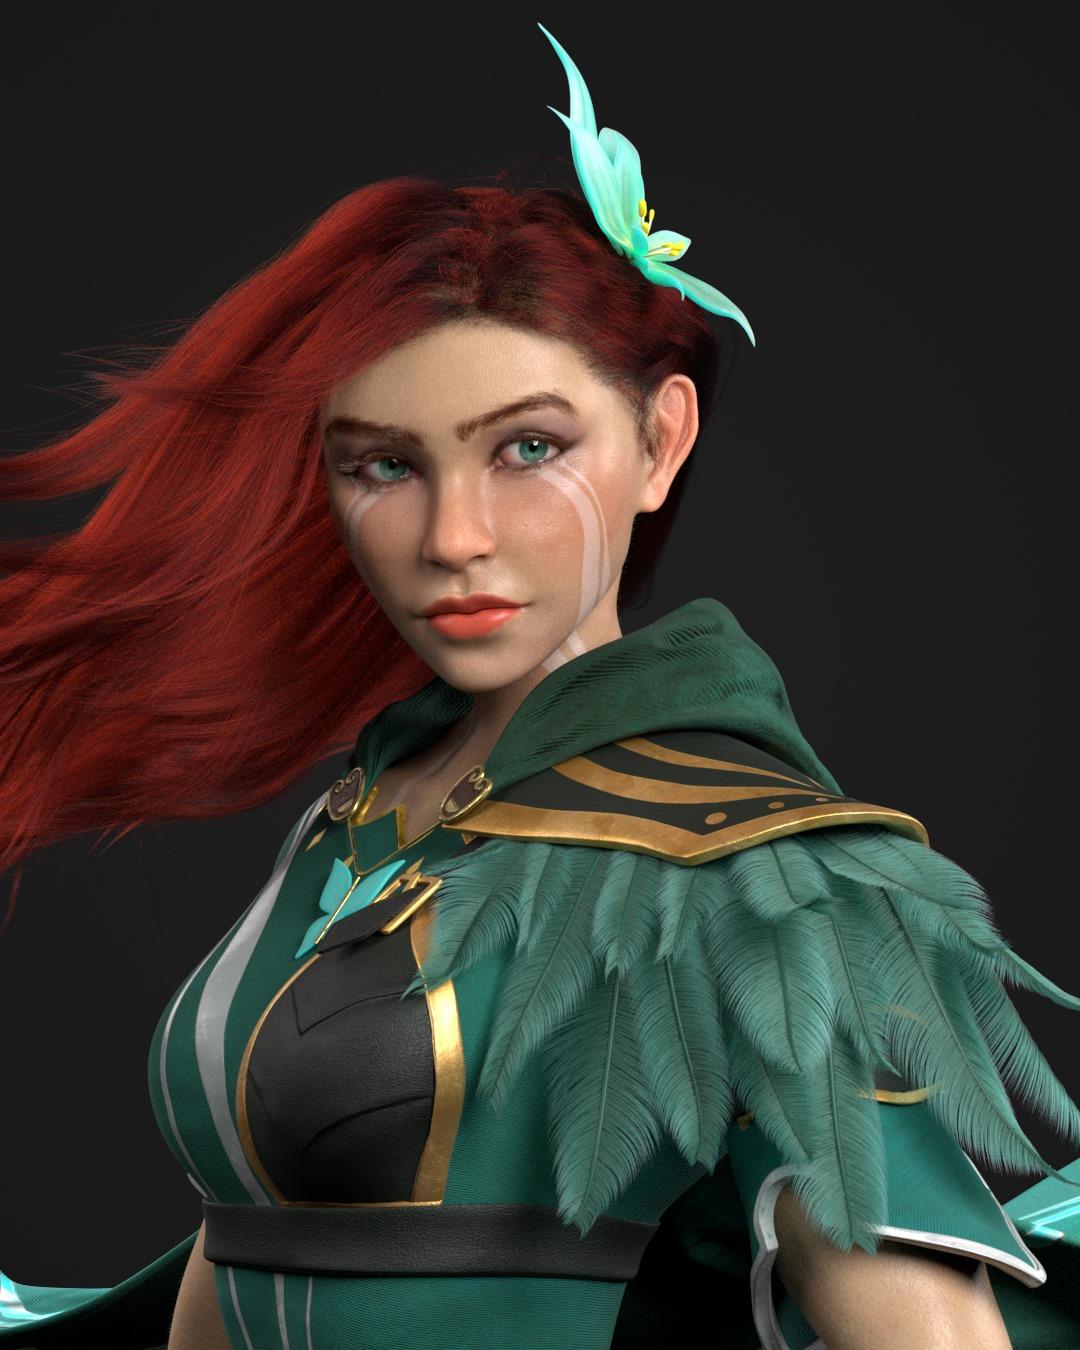 3d model woman windranger by enkhbayar avirmed